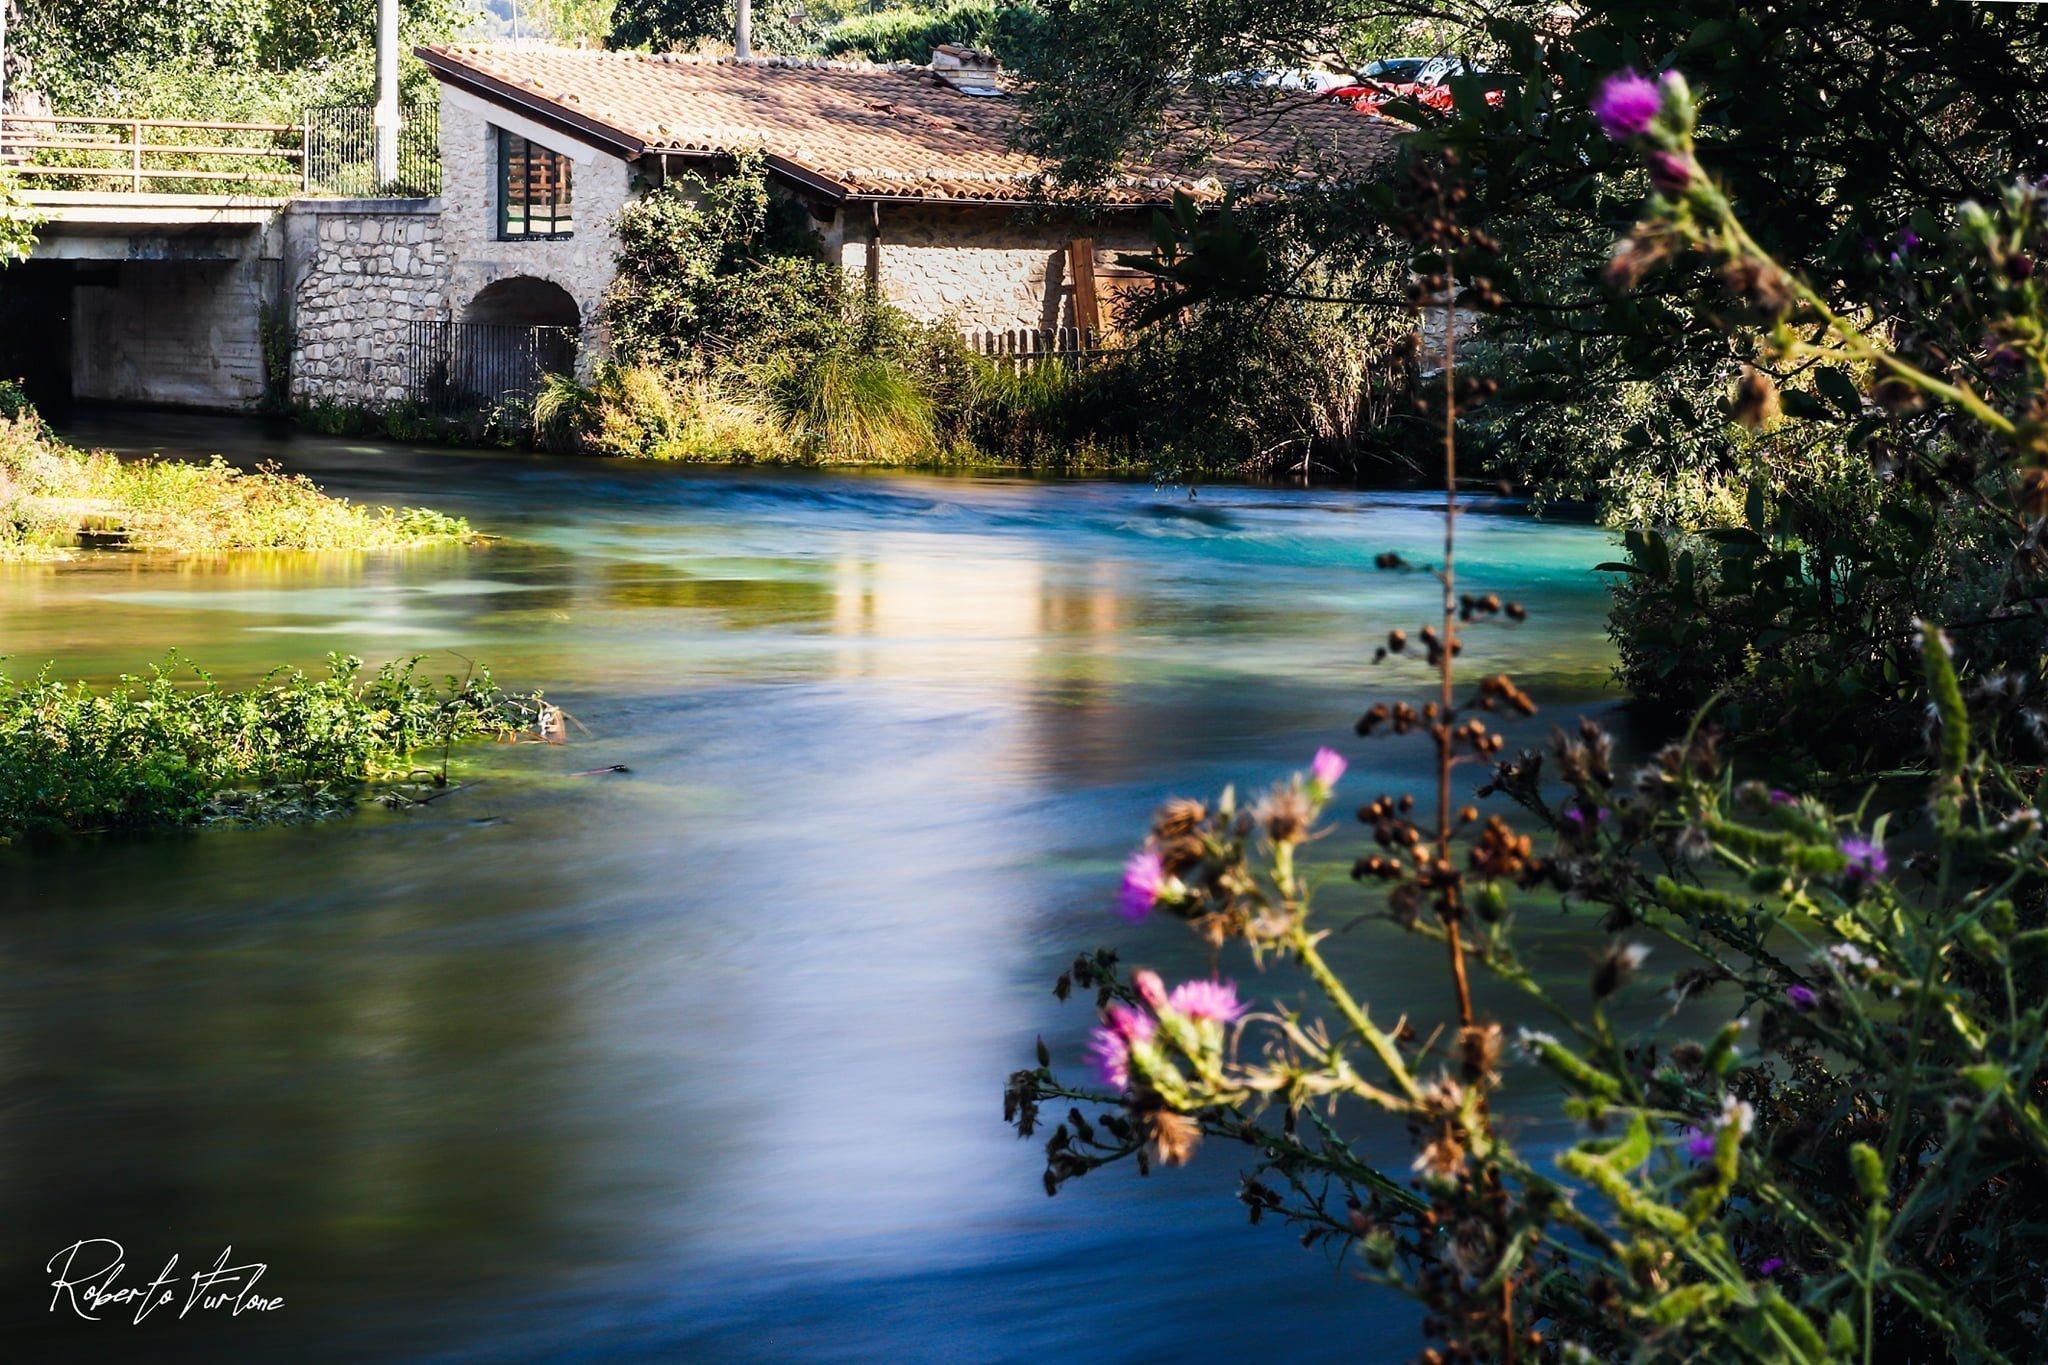 Il fiume Tirino è trai i più belli e limpidi d'Europa dove si respira un'atmosfera incantata